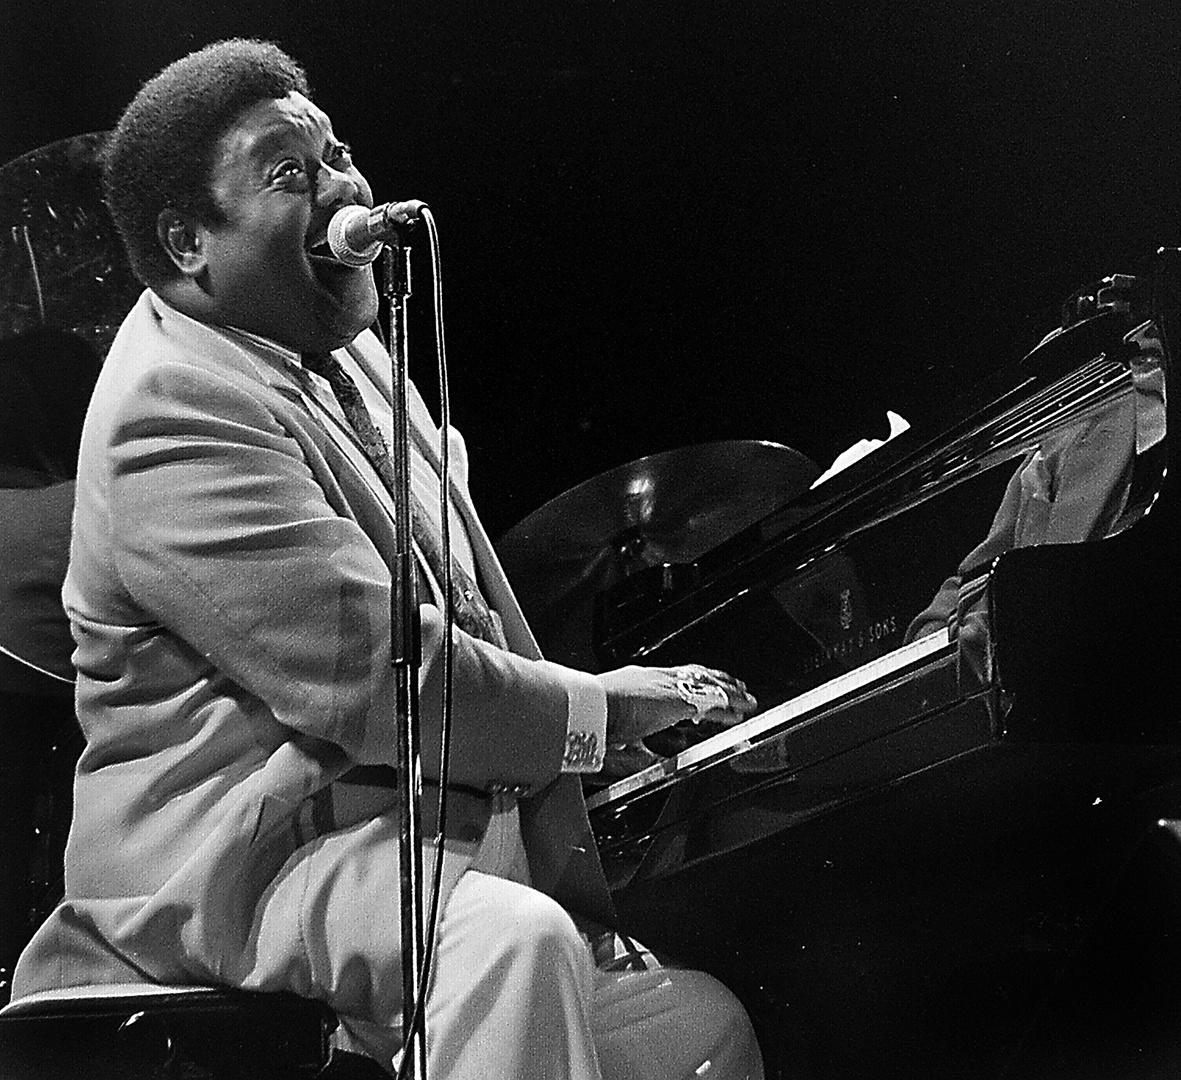 Fats Domino durfte am 26. Februar 2013 seinen 85. Geburtstag feiern. Herzlichen Glückwunsch